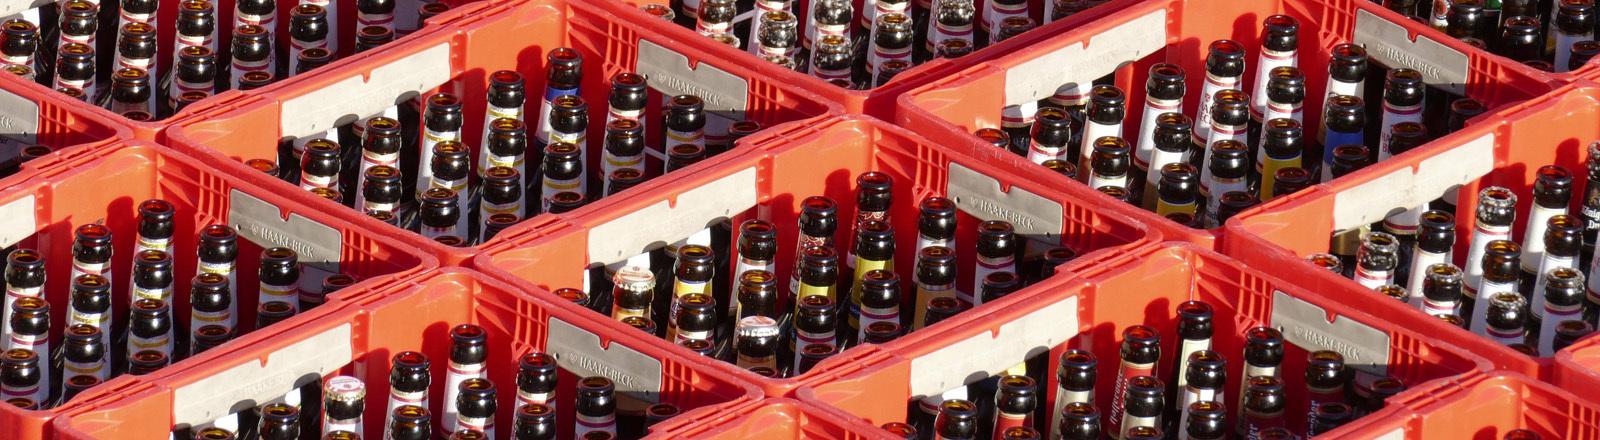 Leere Bierflaschen in Kästen